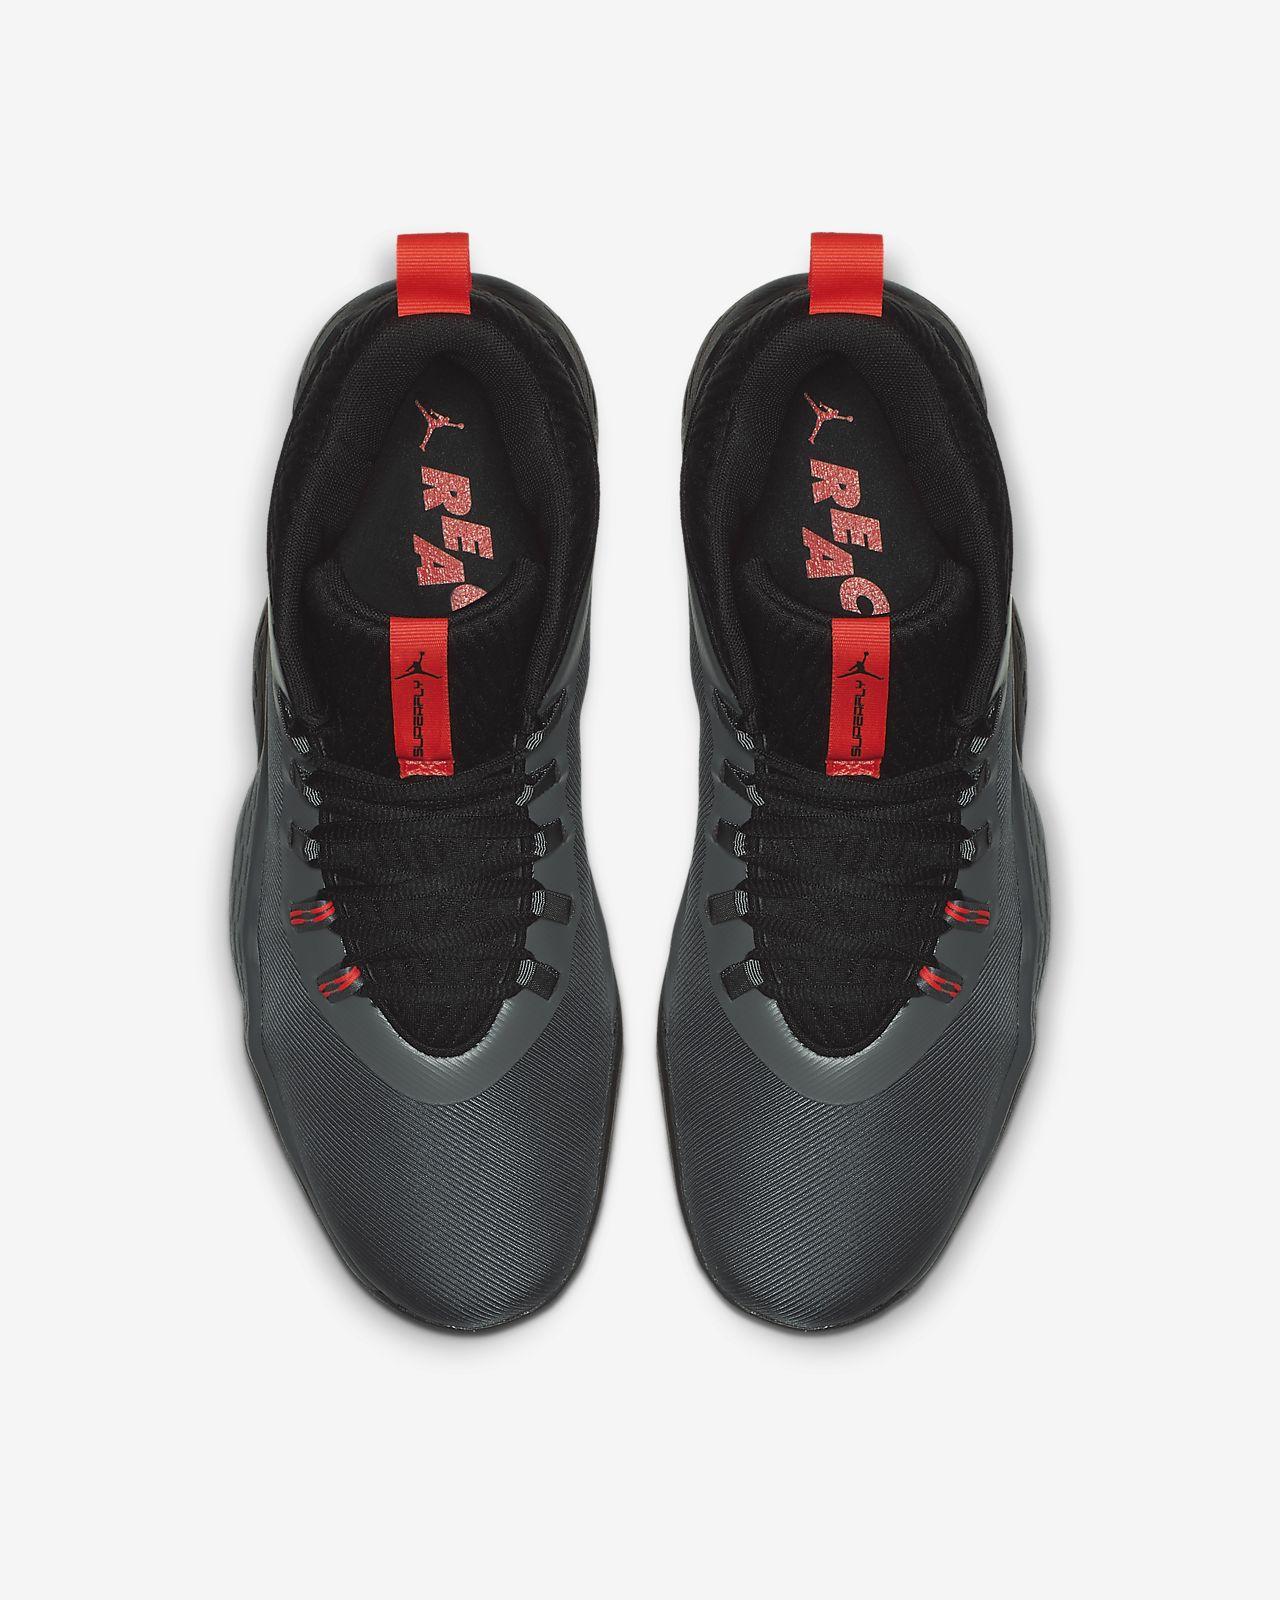 c71cfbece12 Fly MVP Low pour Homme Chaussure de basketball Jordan Super.Fly MVP Low pour  Homme